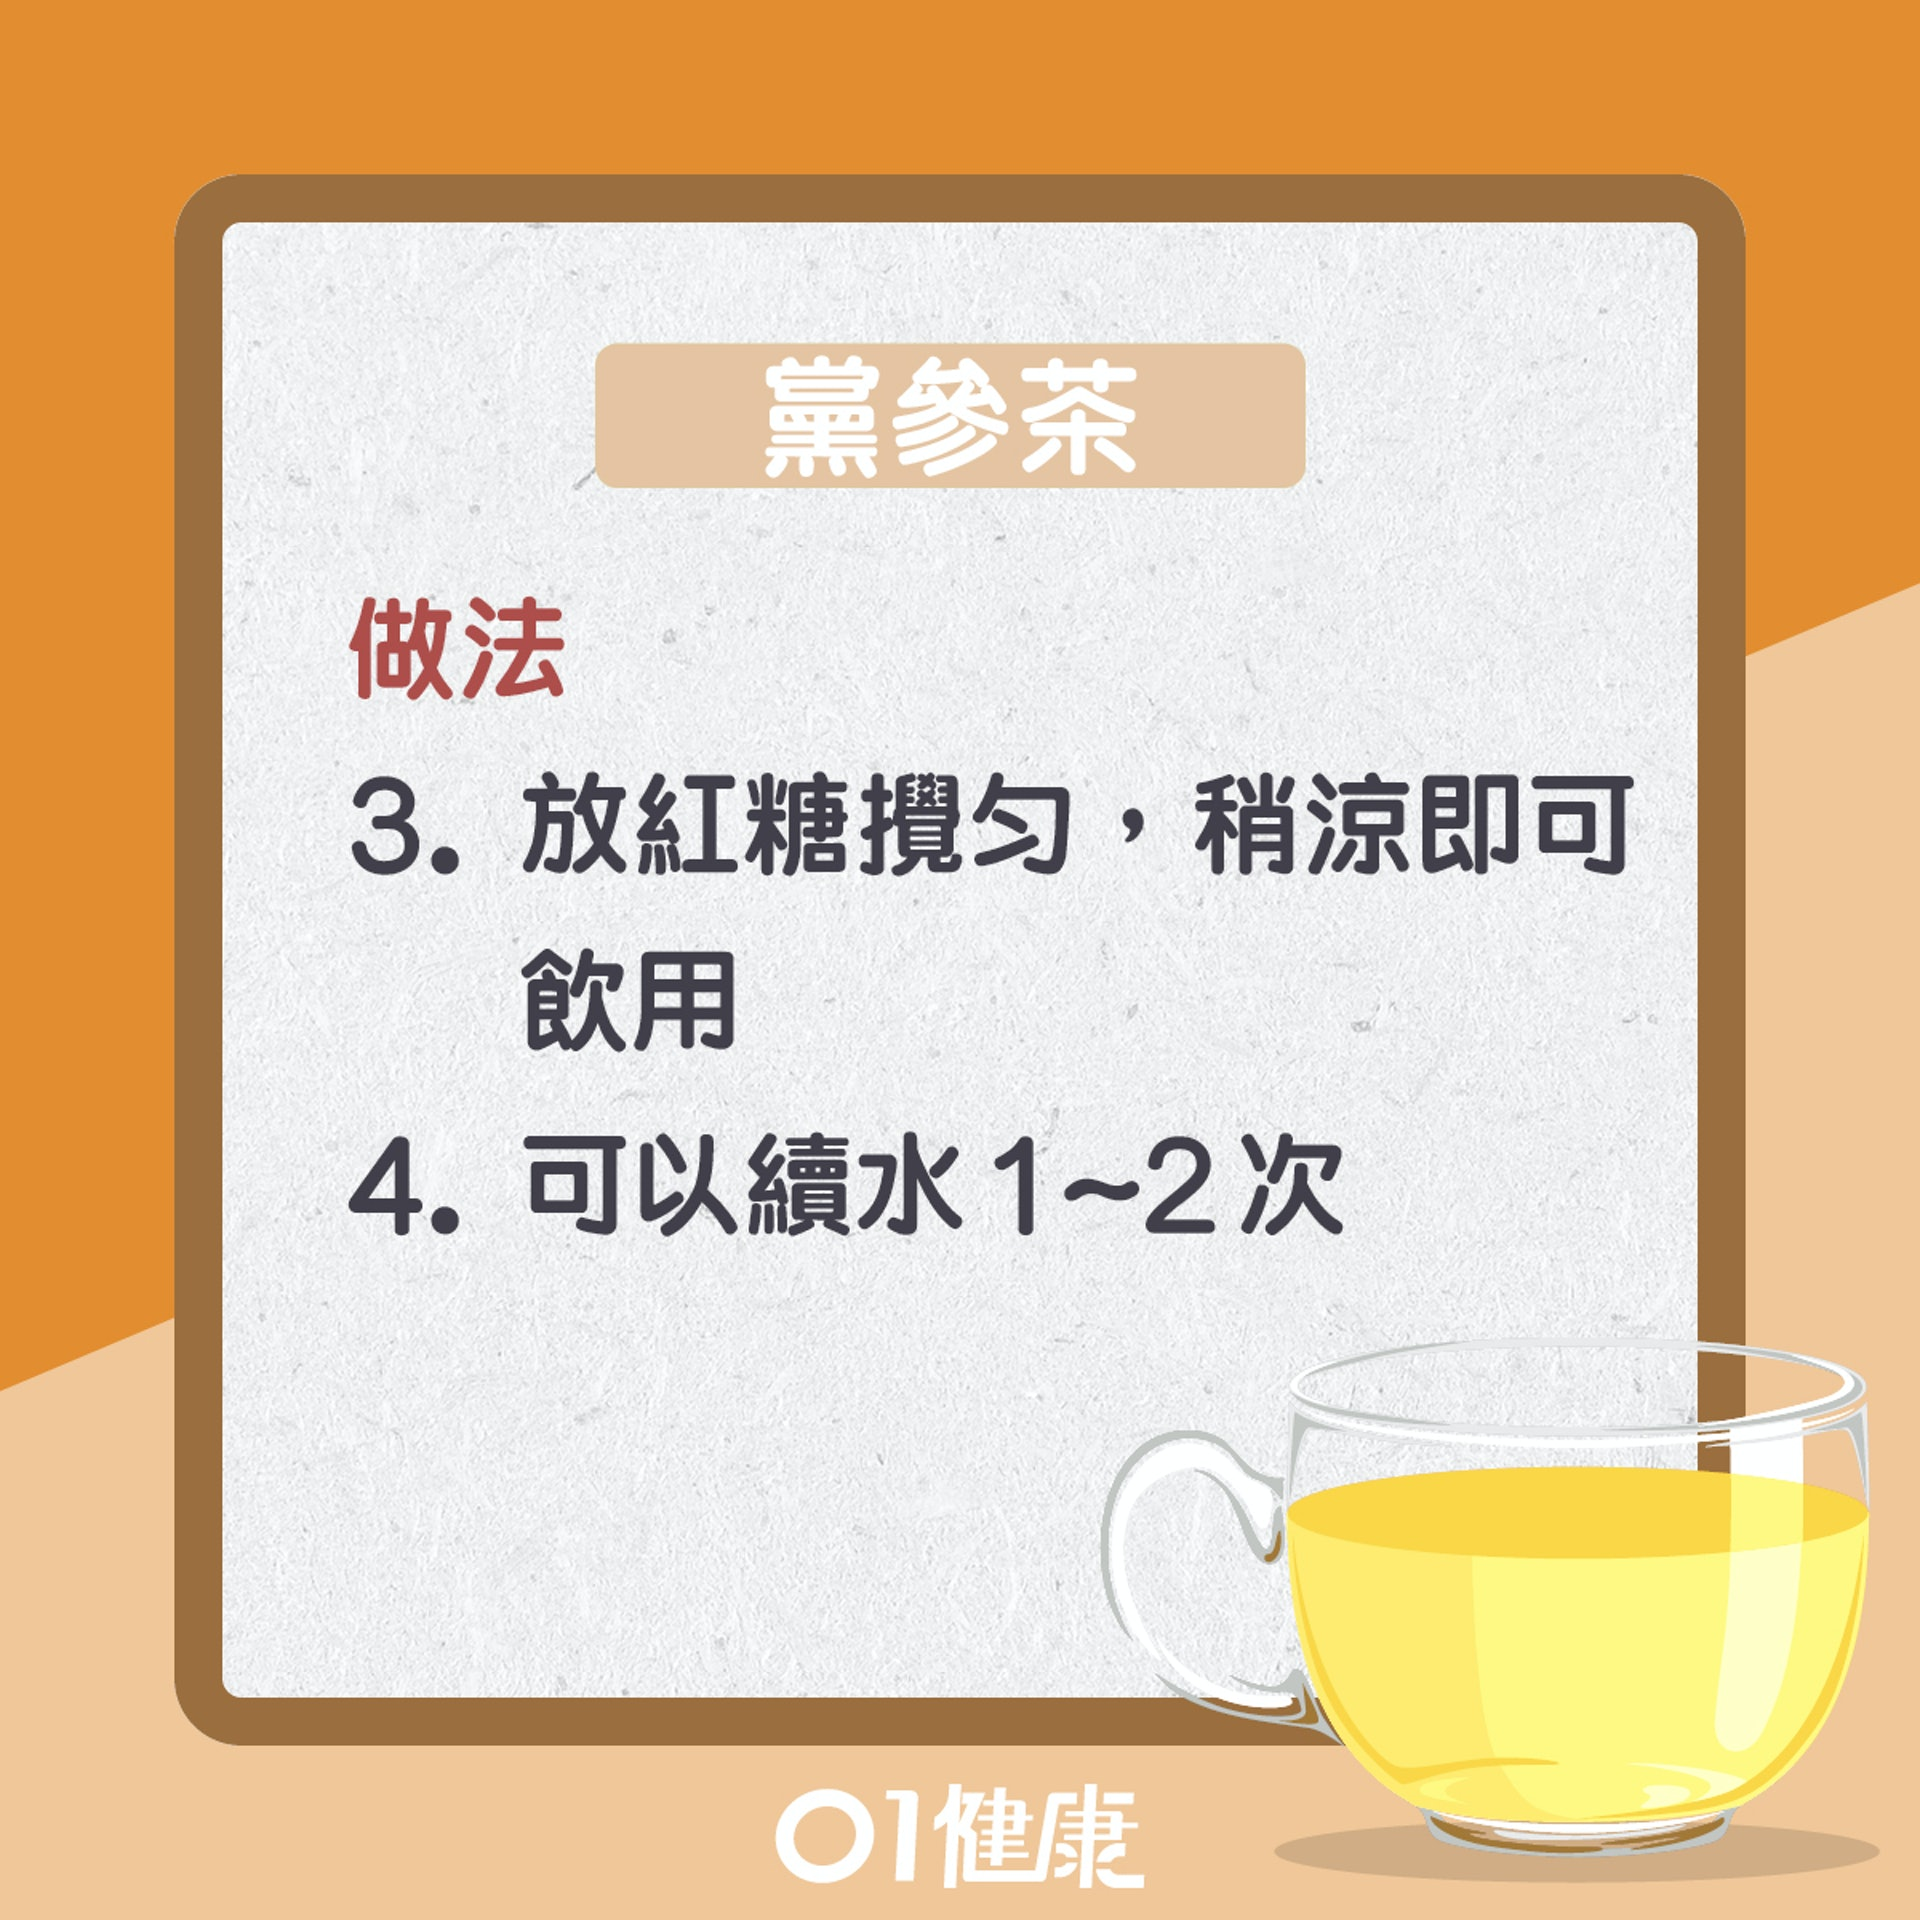 黨參茶(01製圖)